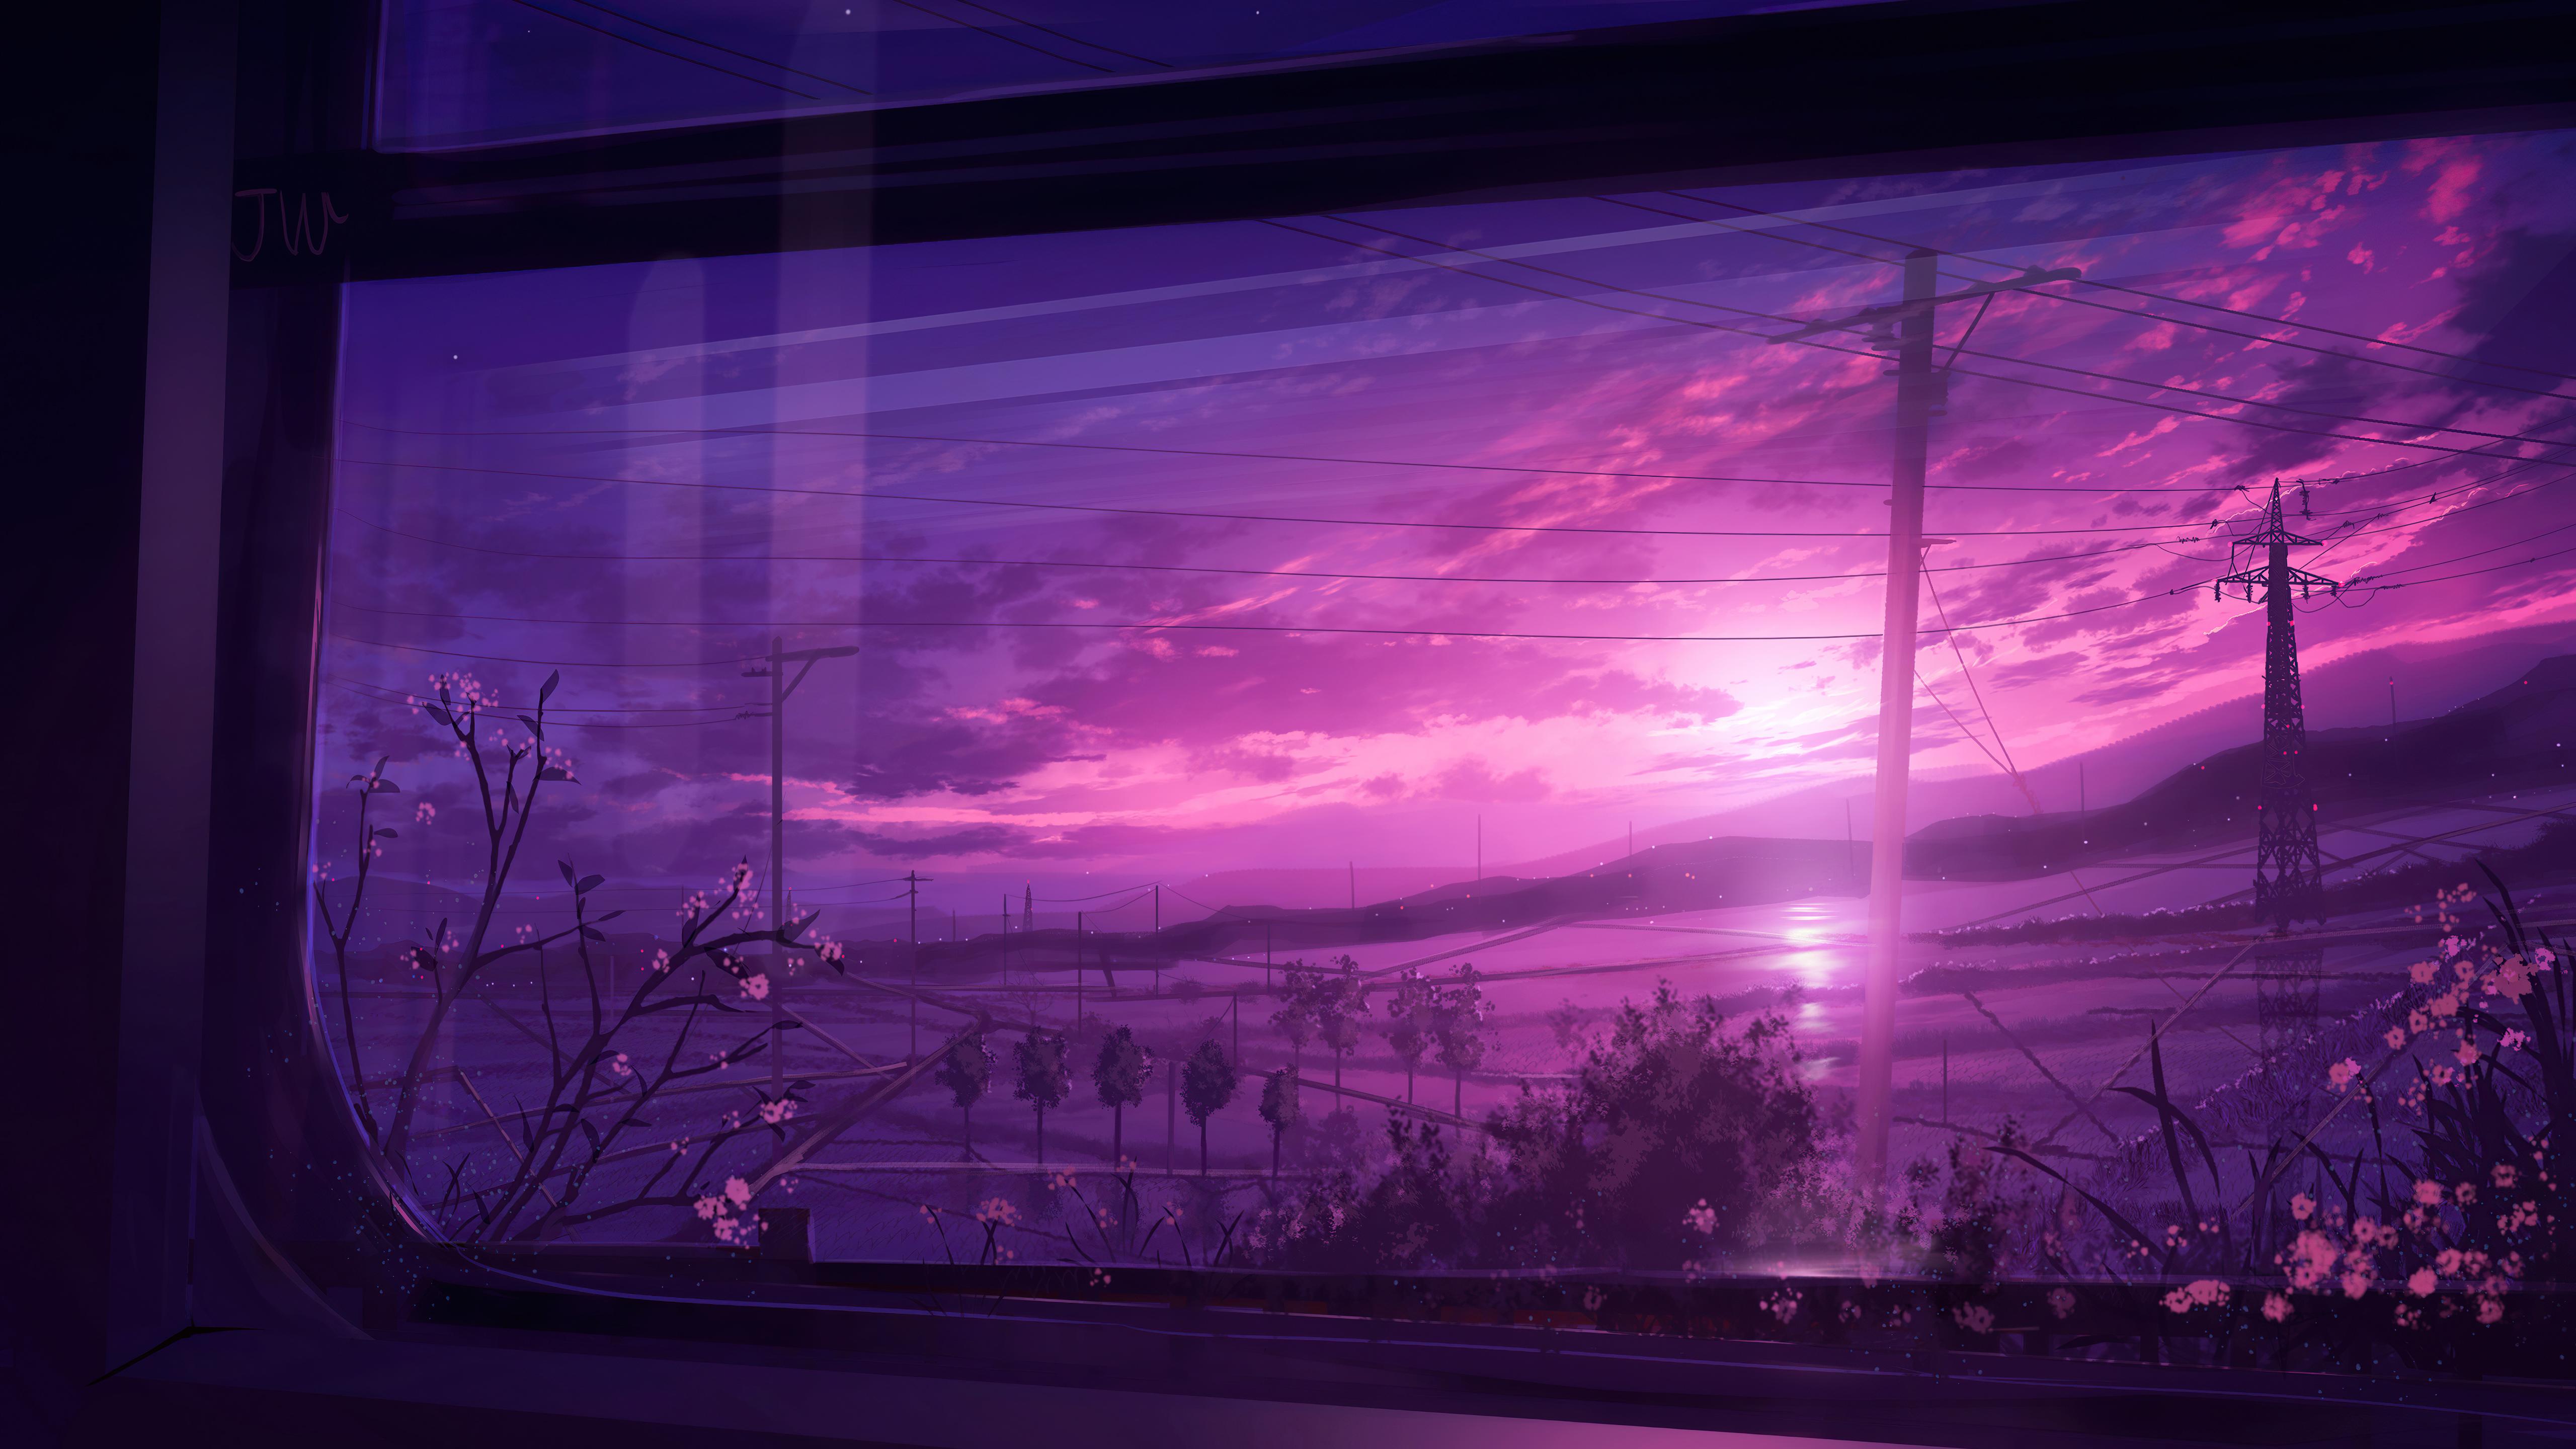 powerline scenery view from window 4k 1618133007 - Powerline Scenery View From Window 4k - Powerline Scenery View From Window 4k wallpapers